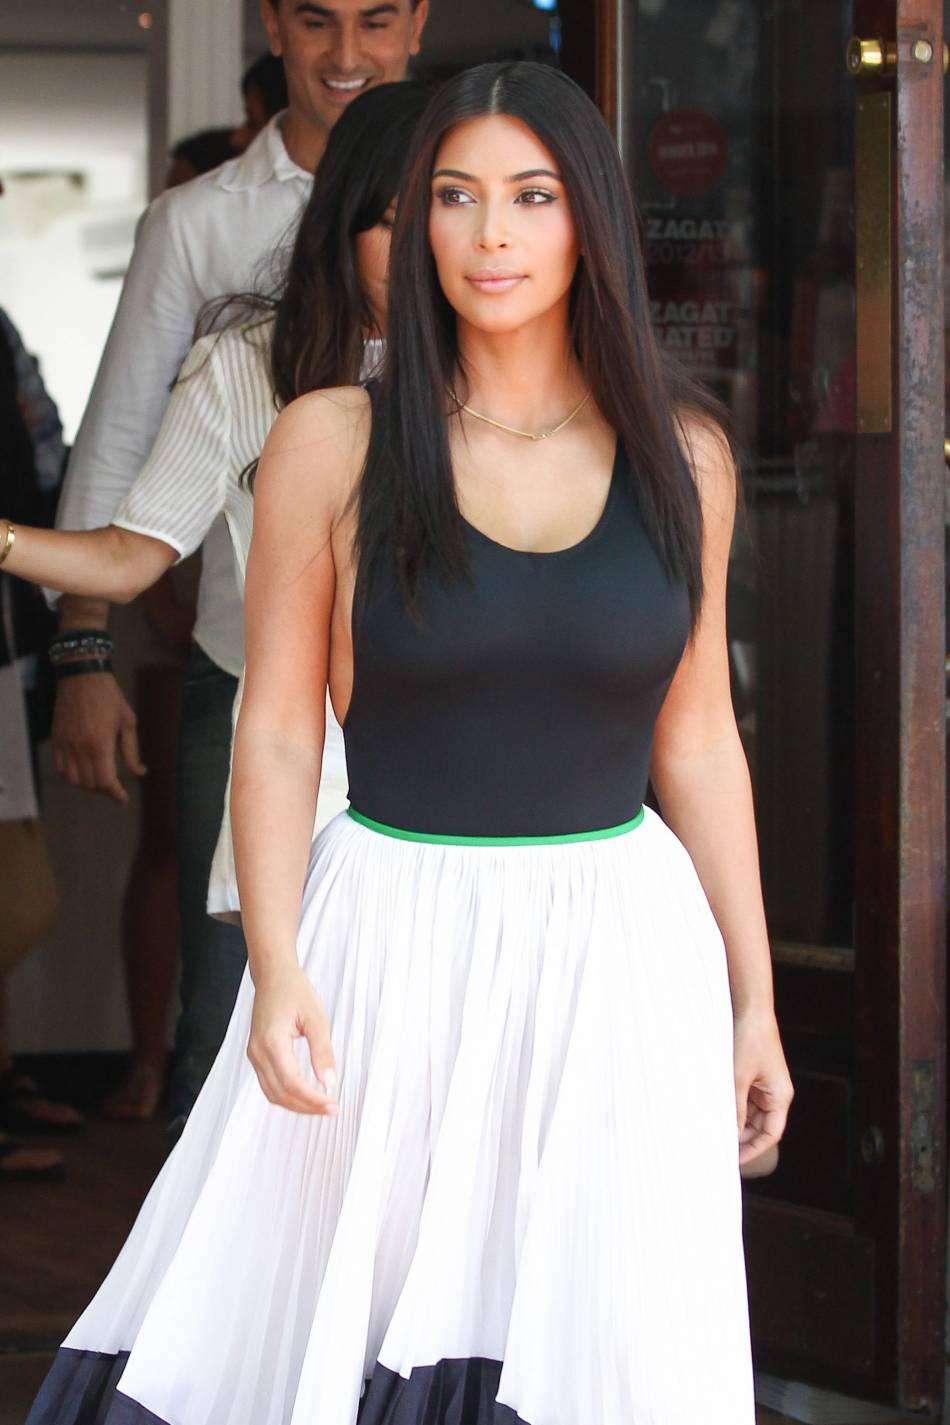 Kim Kardashian aurait-elle déboursé 100 000 dollars pour retrouver sa silhouette d'avant grossesse ?